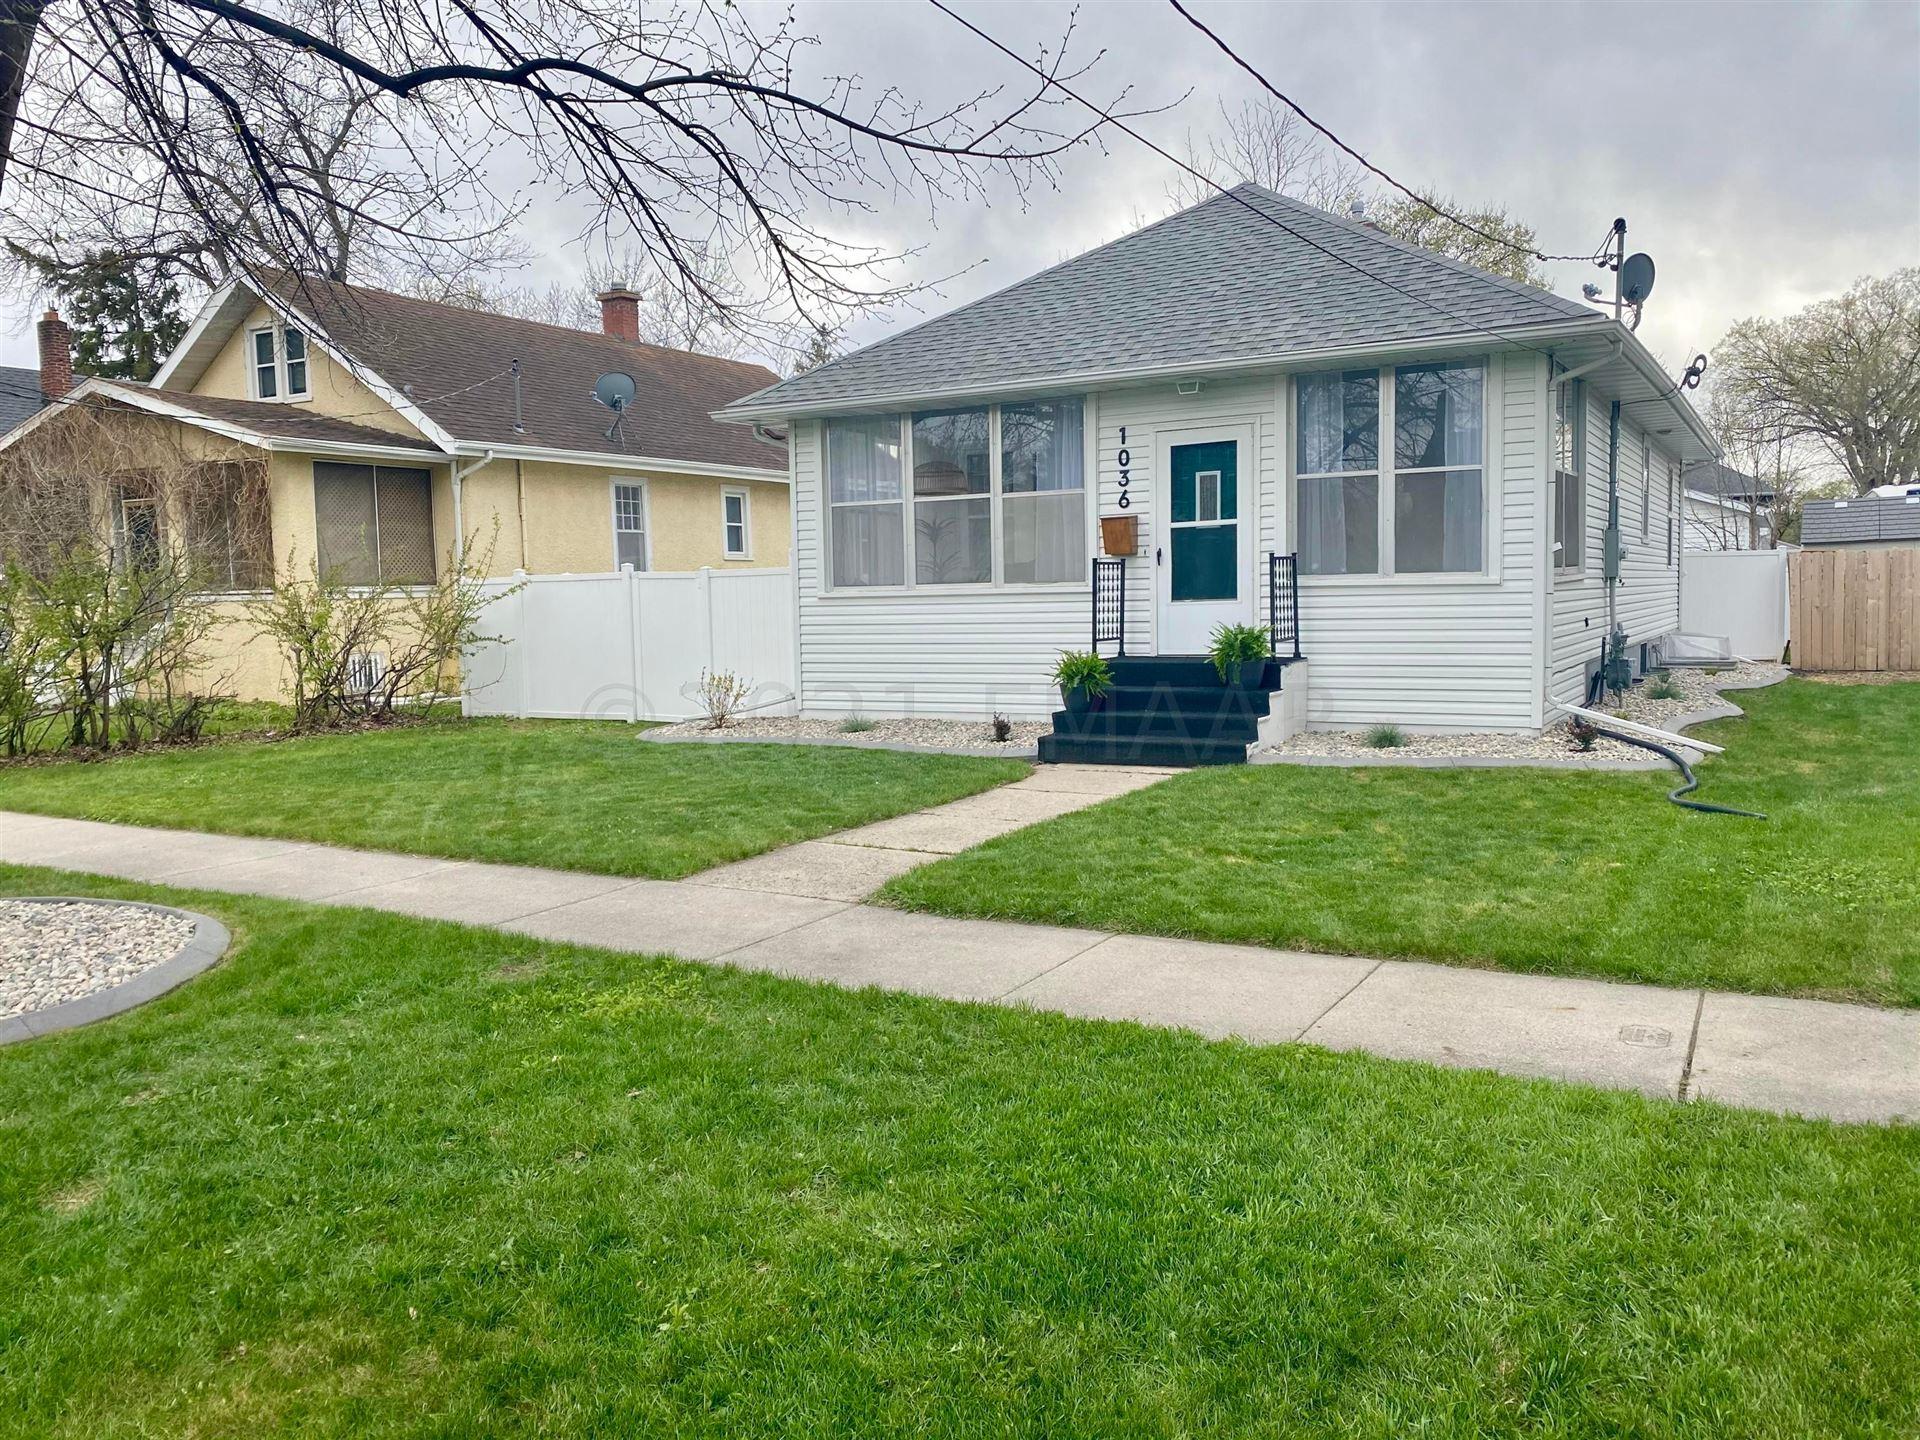 1036 1 Street N, Fargo, ND 58102 - #: 21-2410